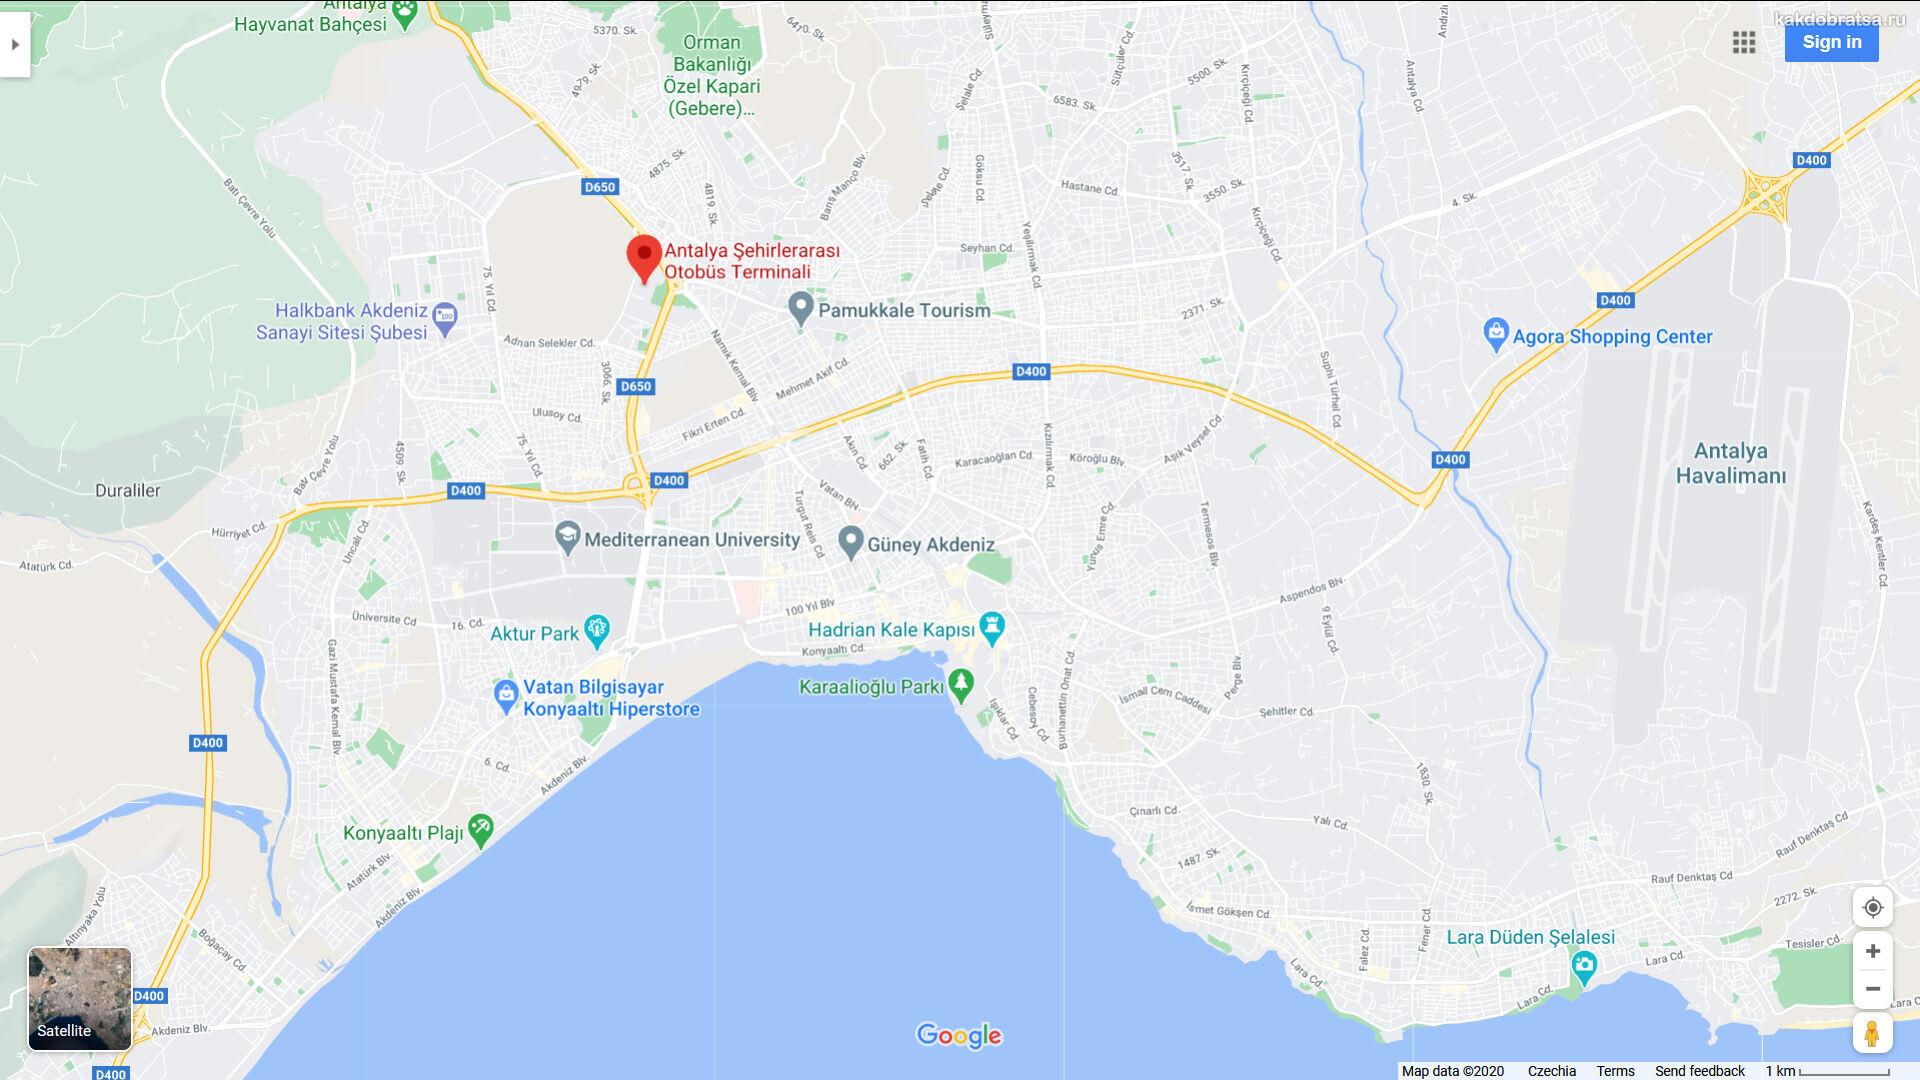 Автовокзал Анталии на карте где находится и адрес